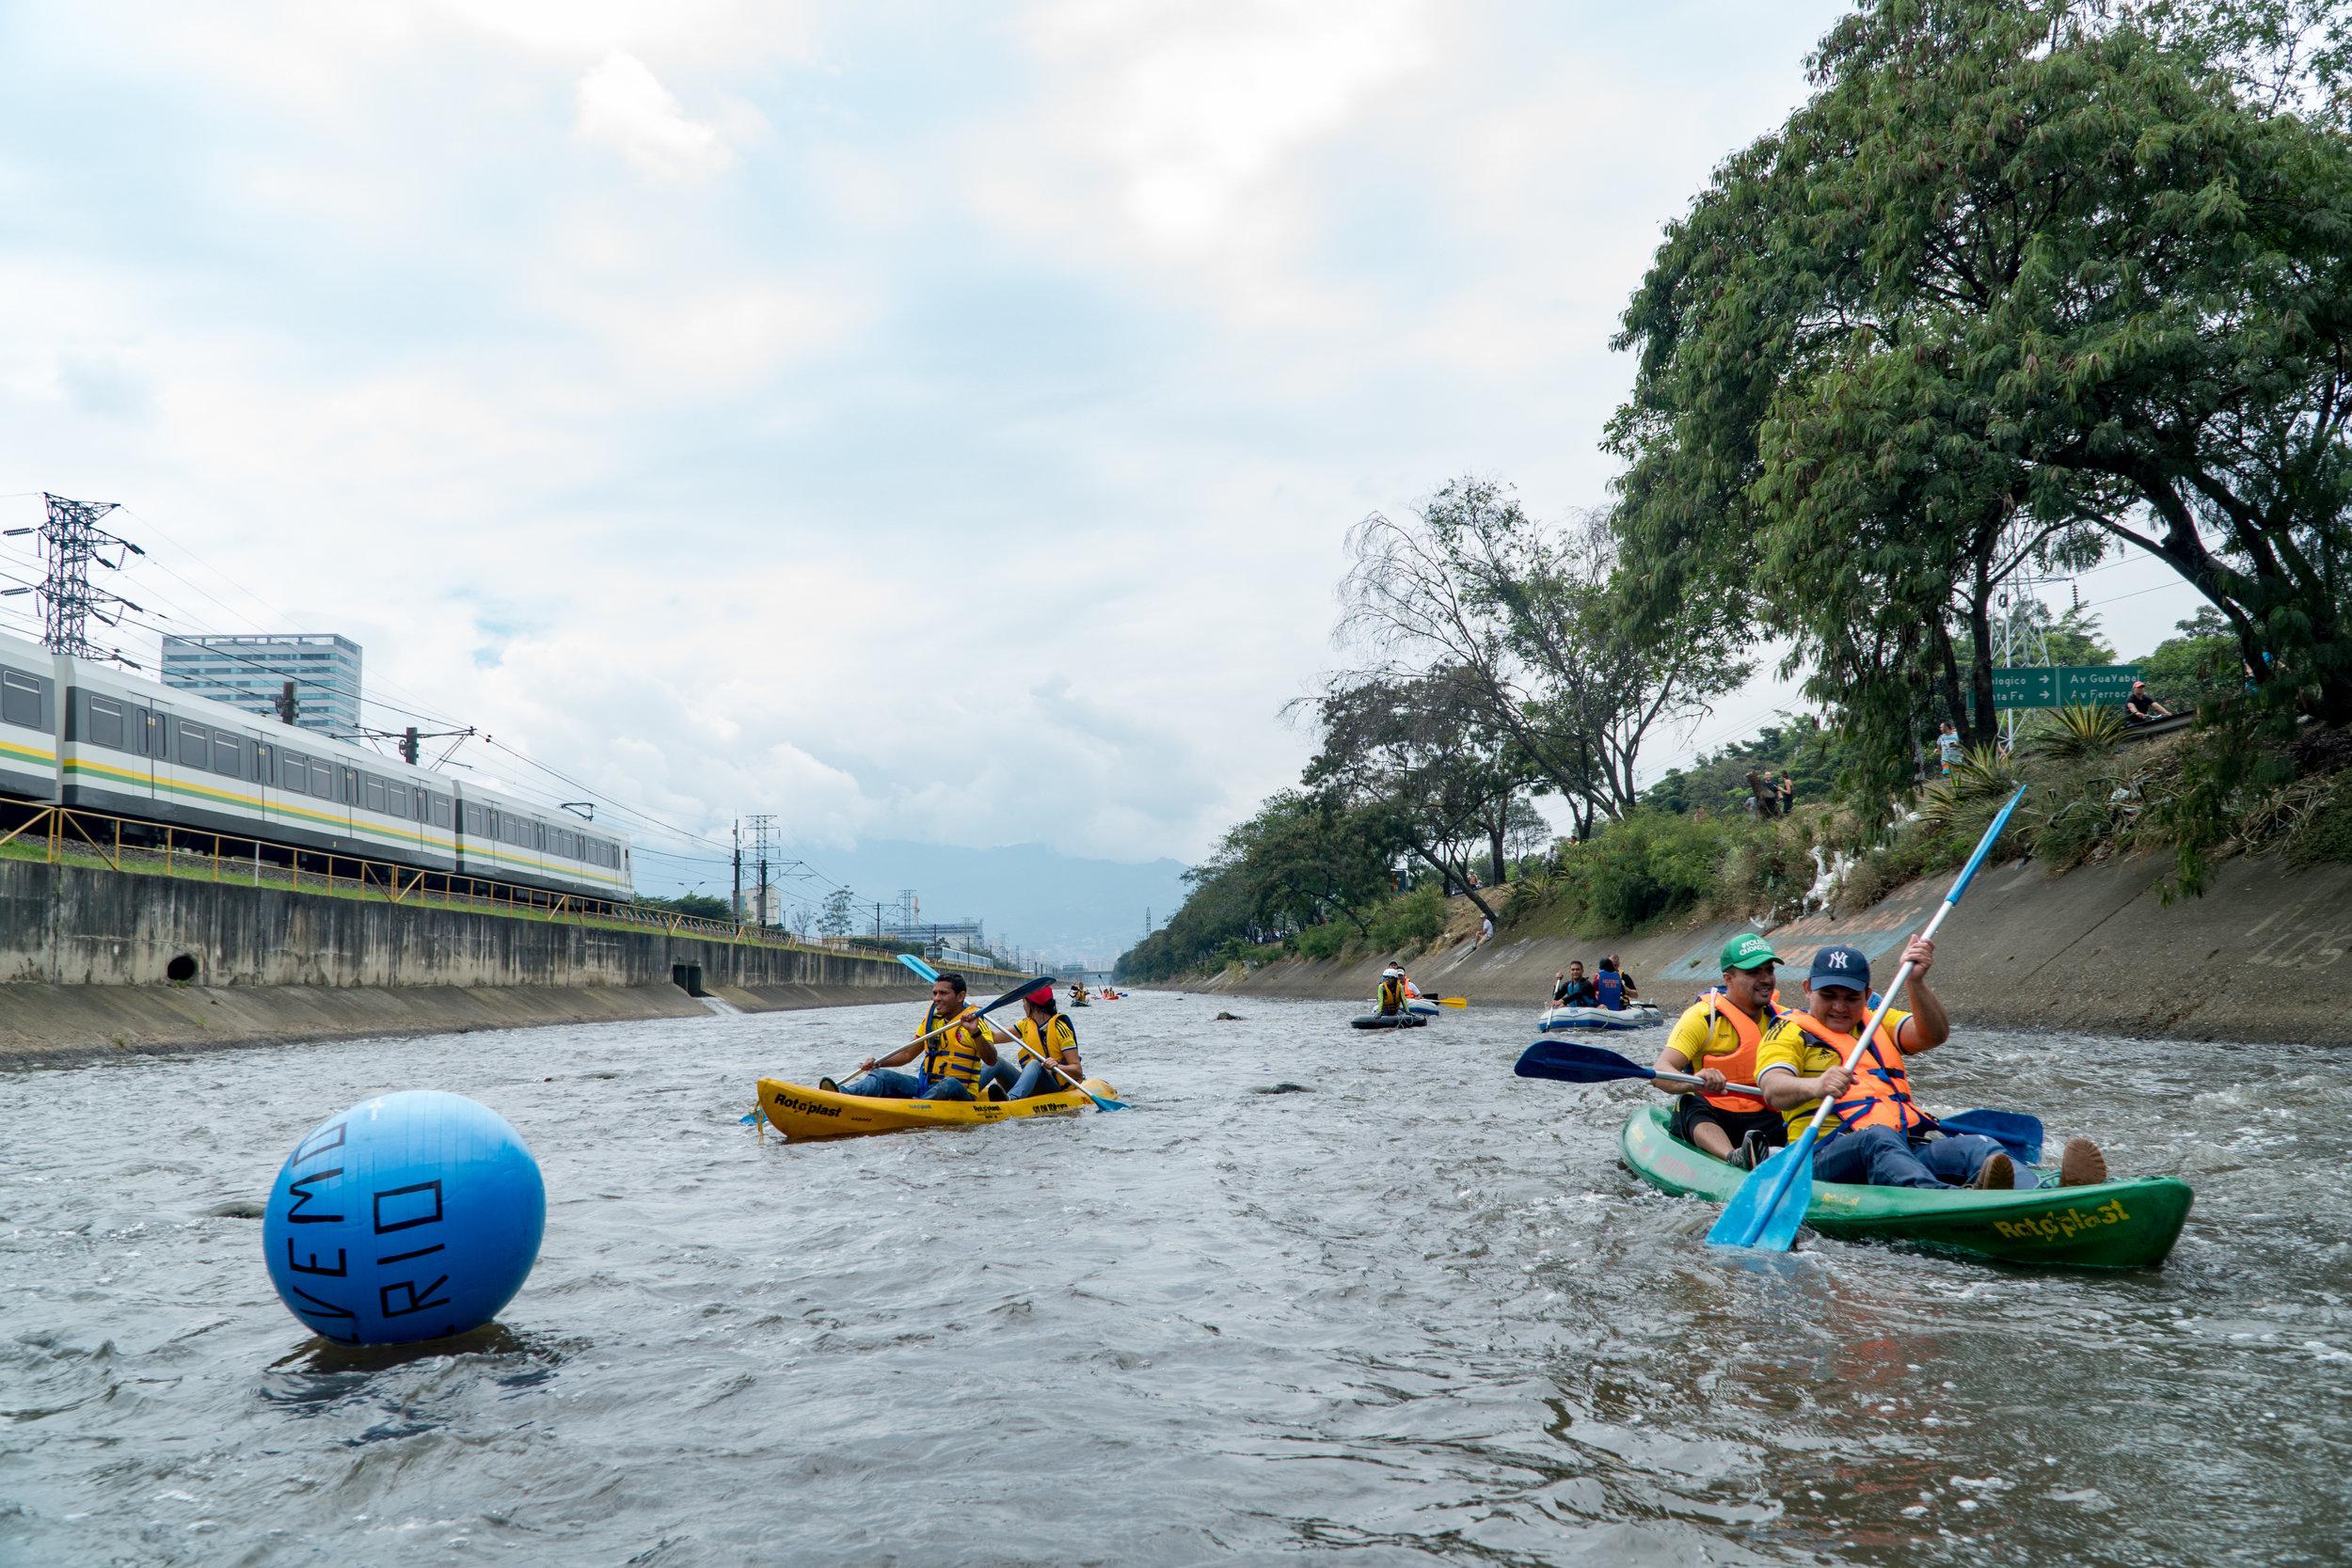 Navegacion por el Rio Medellin 4, Jules Domine.jpg